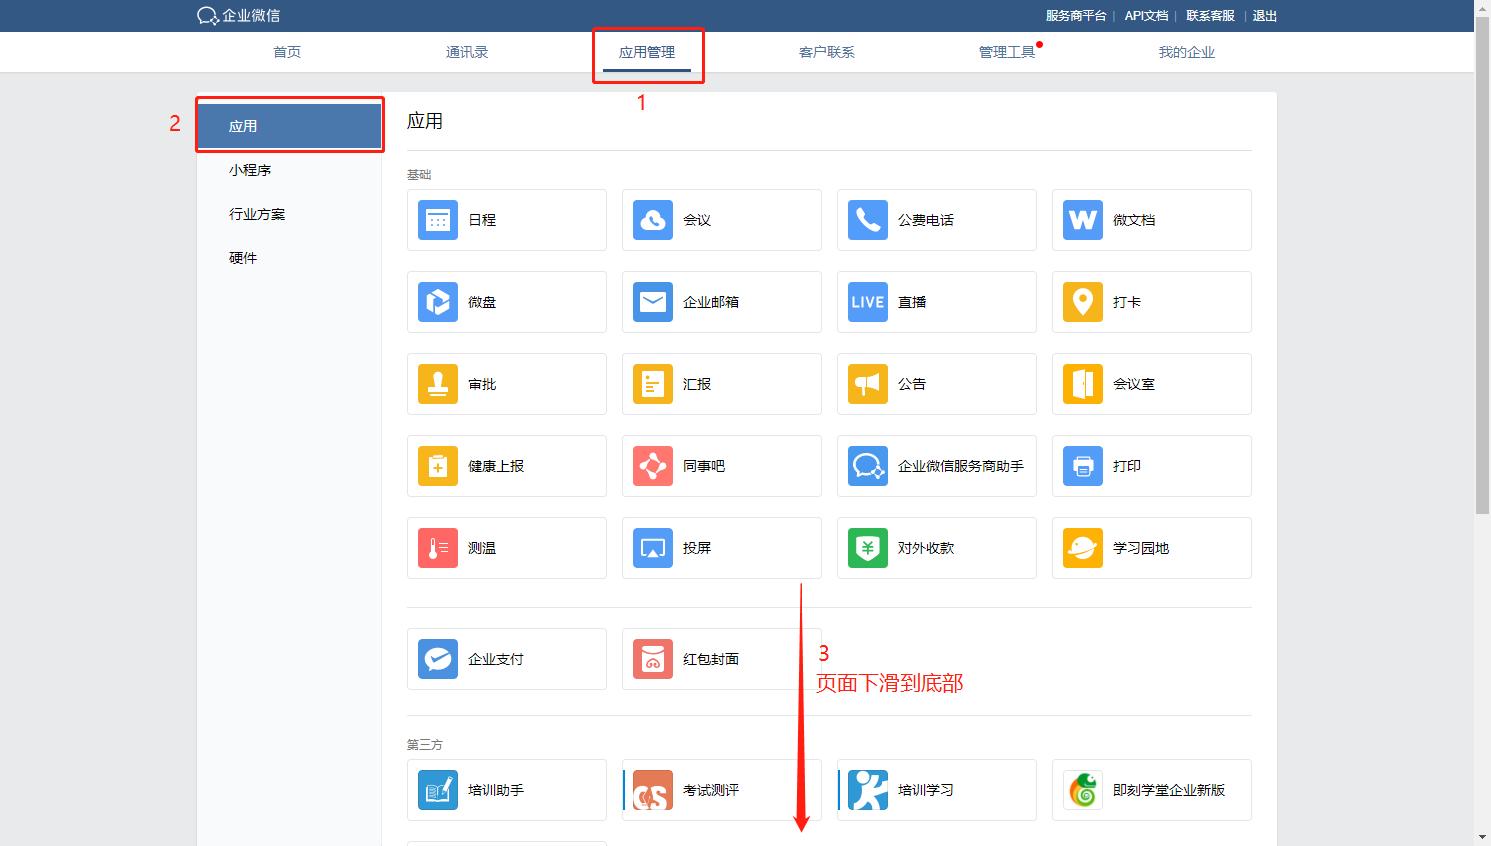 教育培训系统|平台|软件_企业微信功能介绍_即刻学堂